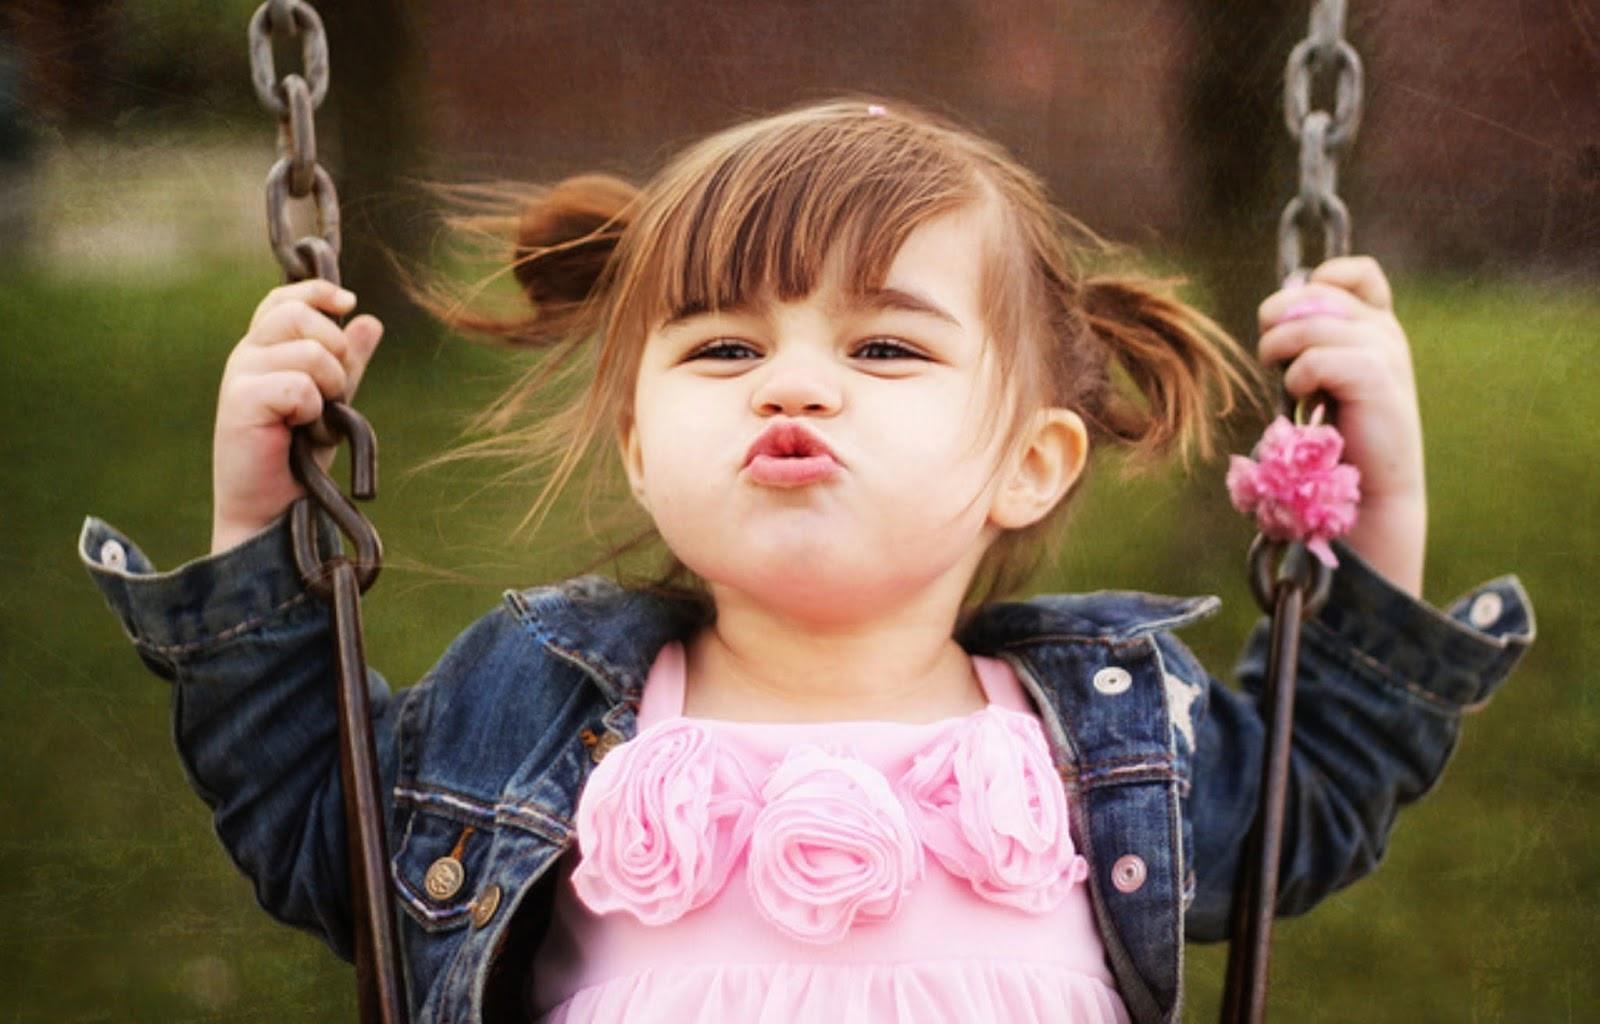 Cute baby whatsapp dp - Whatsapp Status Quotes Whatsapp Status Quotes ...